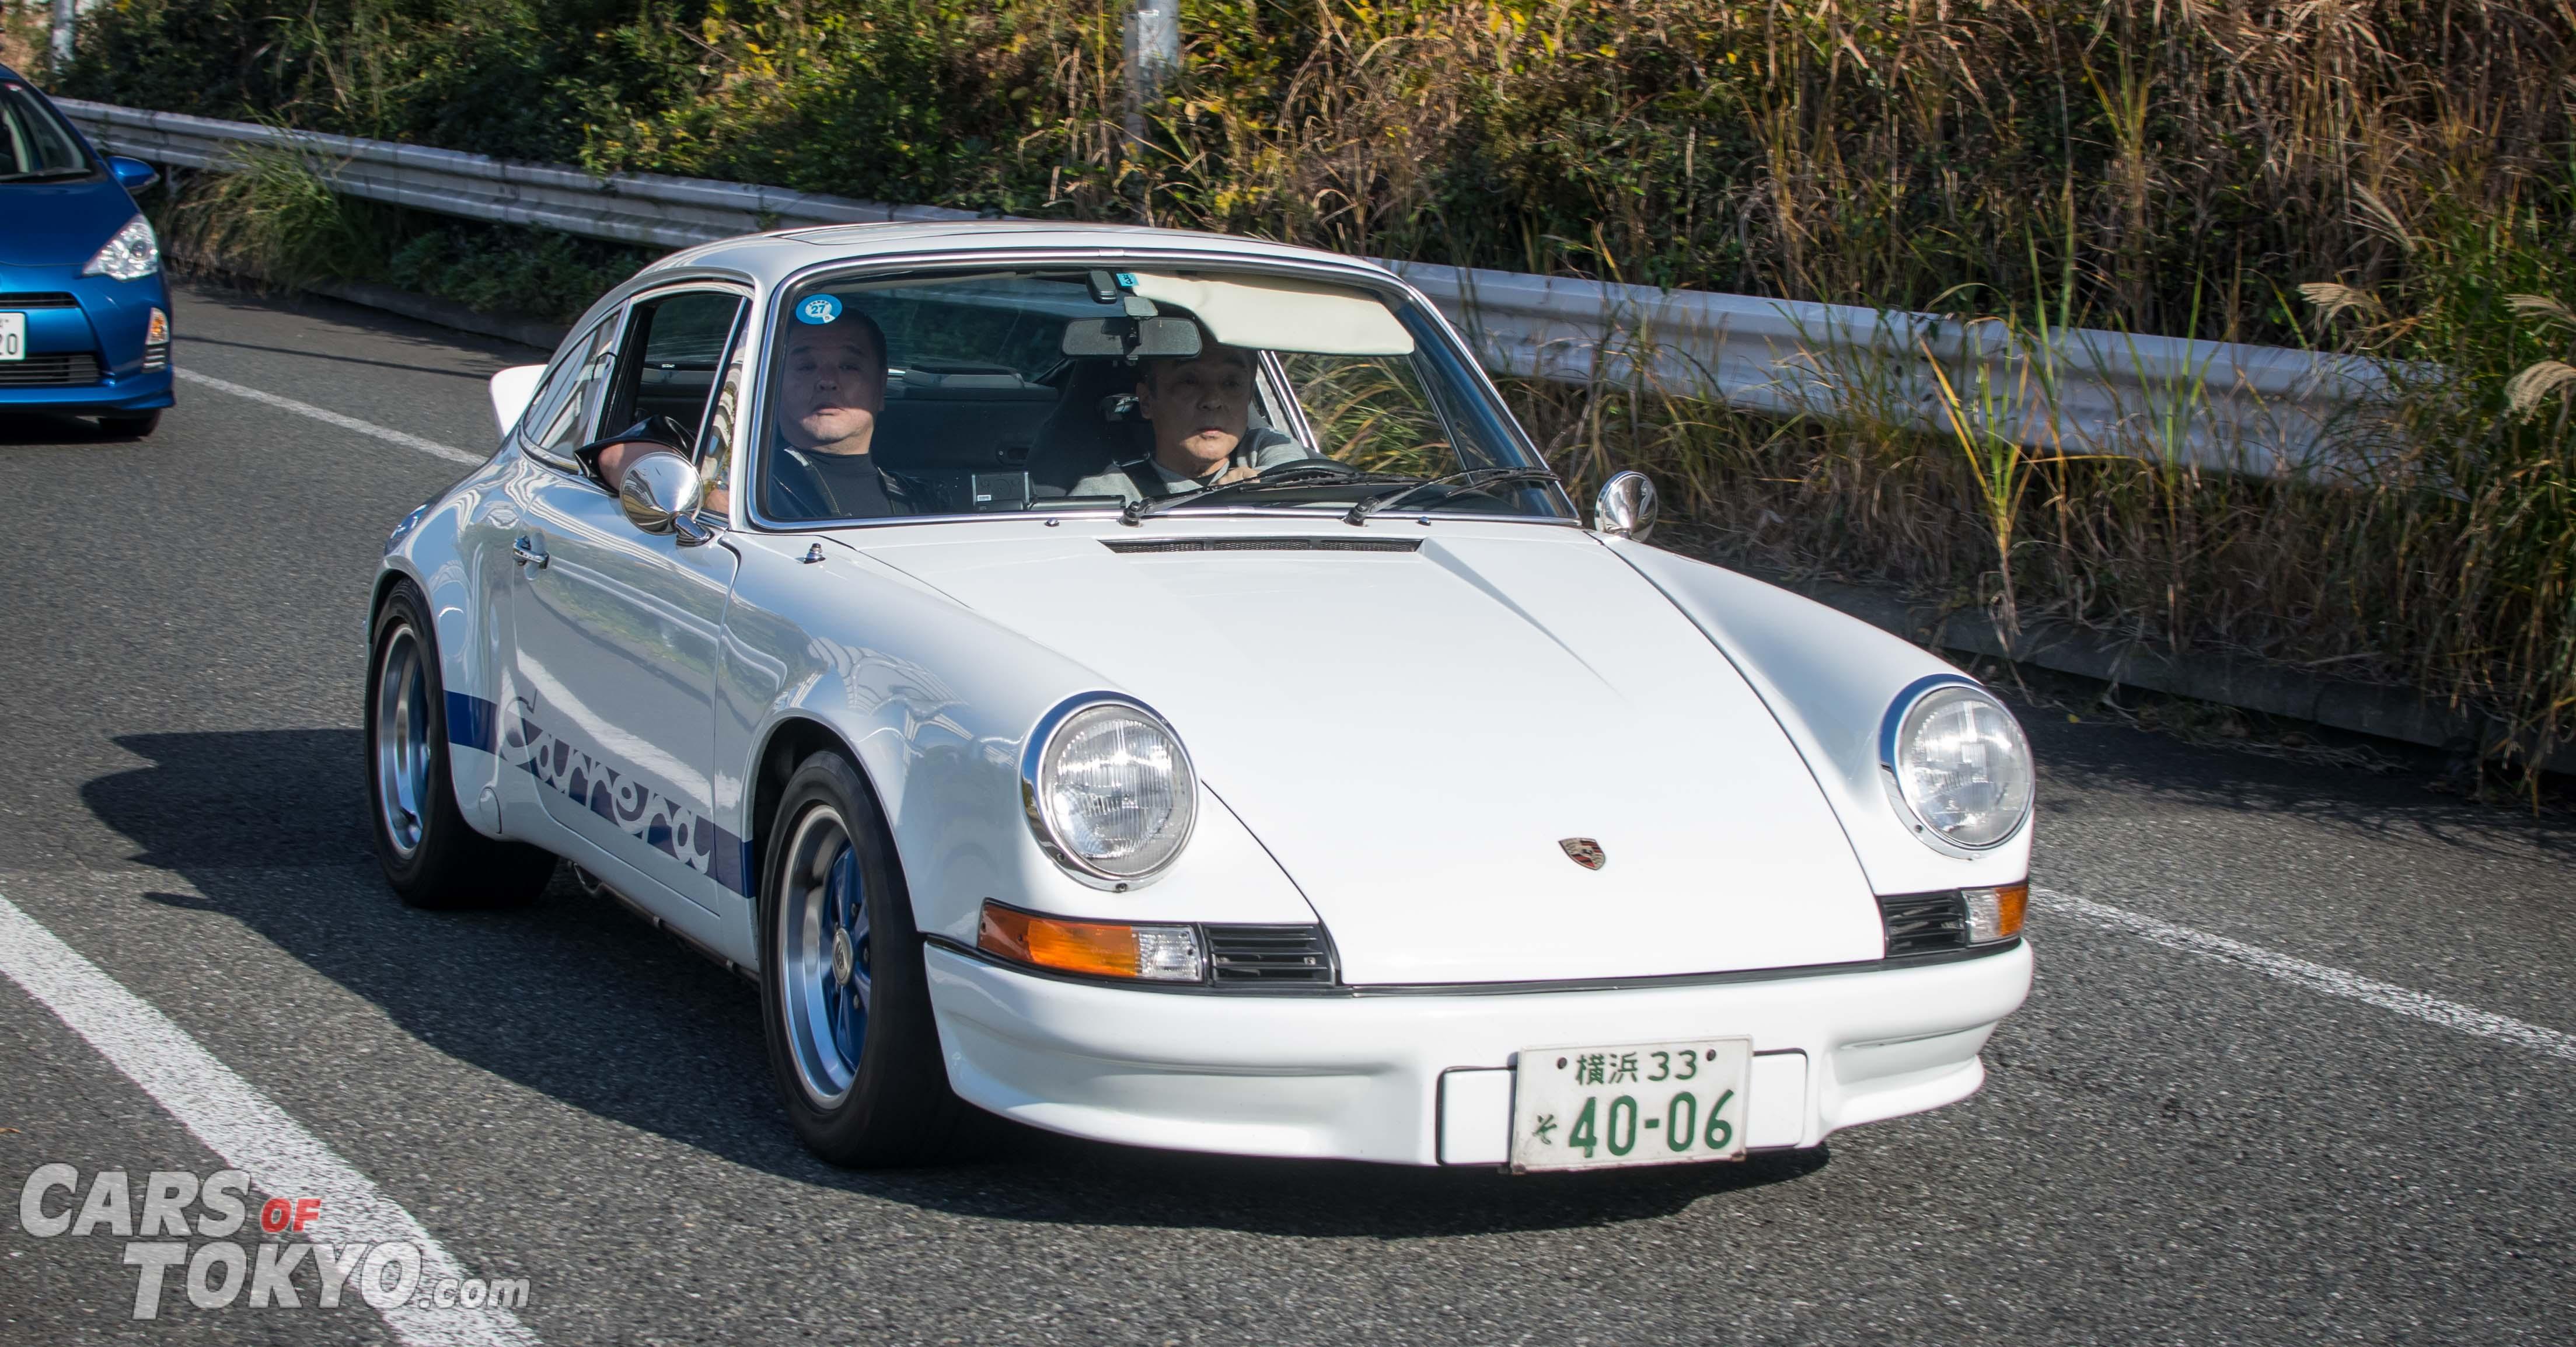 Cars of Tokyo Classic Porsche 911 Carrera RS 2.7